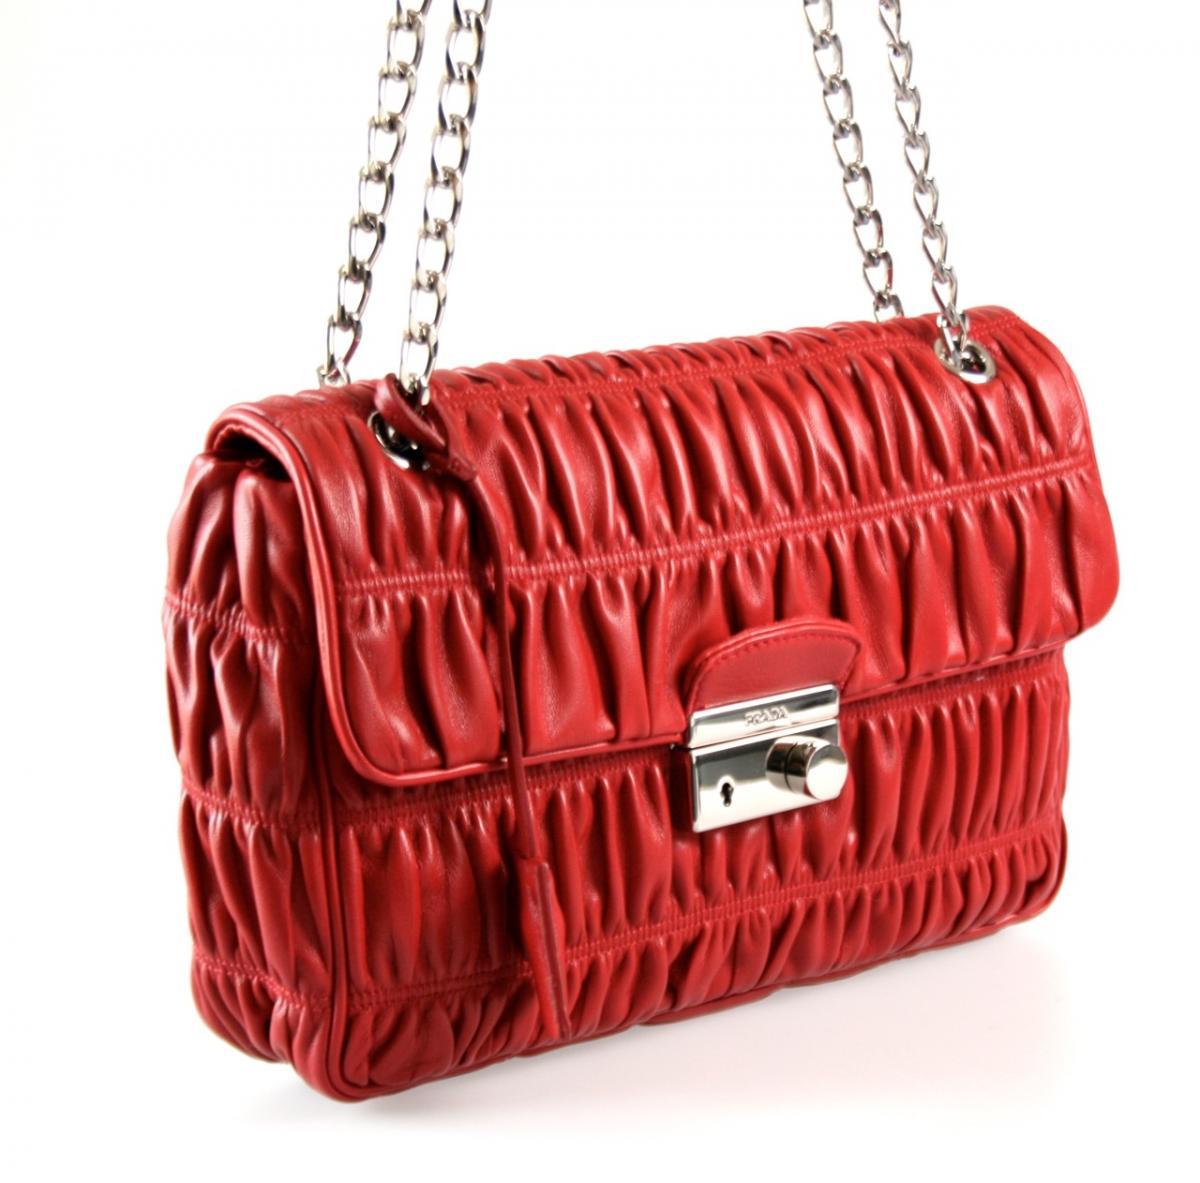 luxus prada abend tasche handtasche bt0939 rot aktuelle. Black Bedroom Furniture Sets. Home Design Ideas